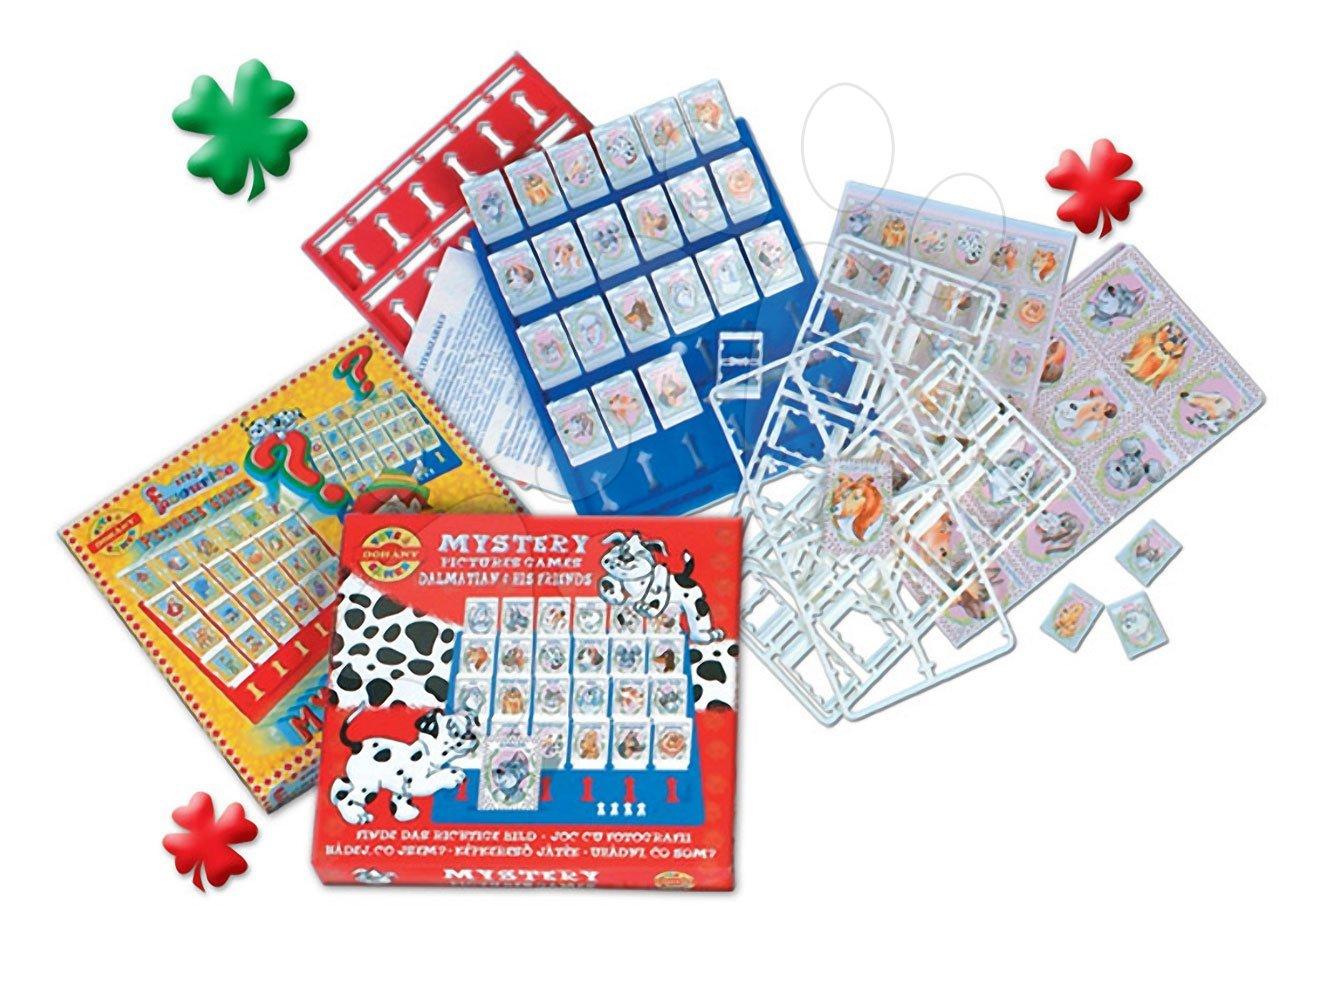 Společenské hry pro děti - Společenská hra Hádej kdo jsem? Dohány Dalmatini